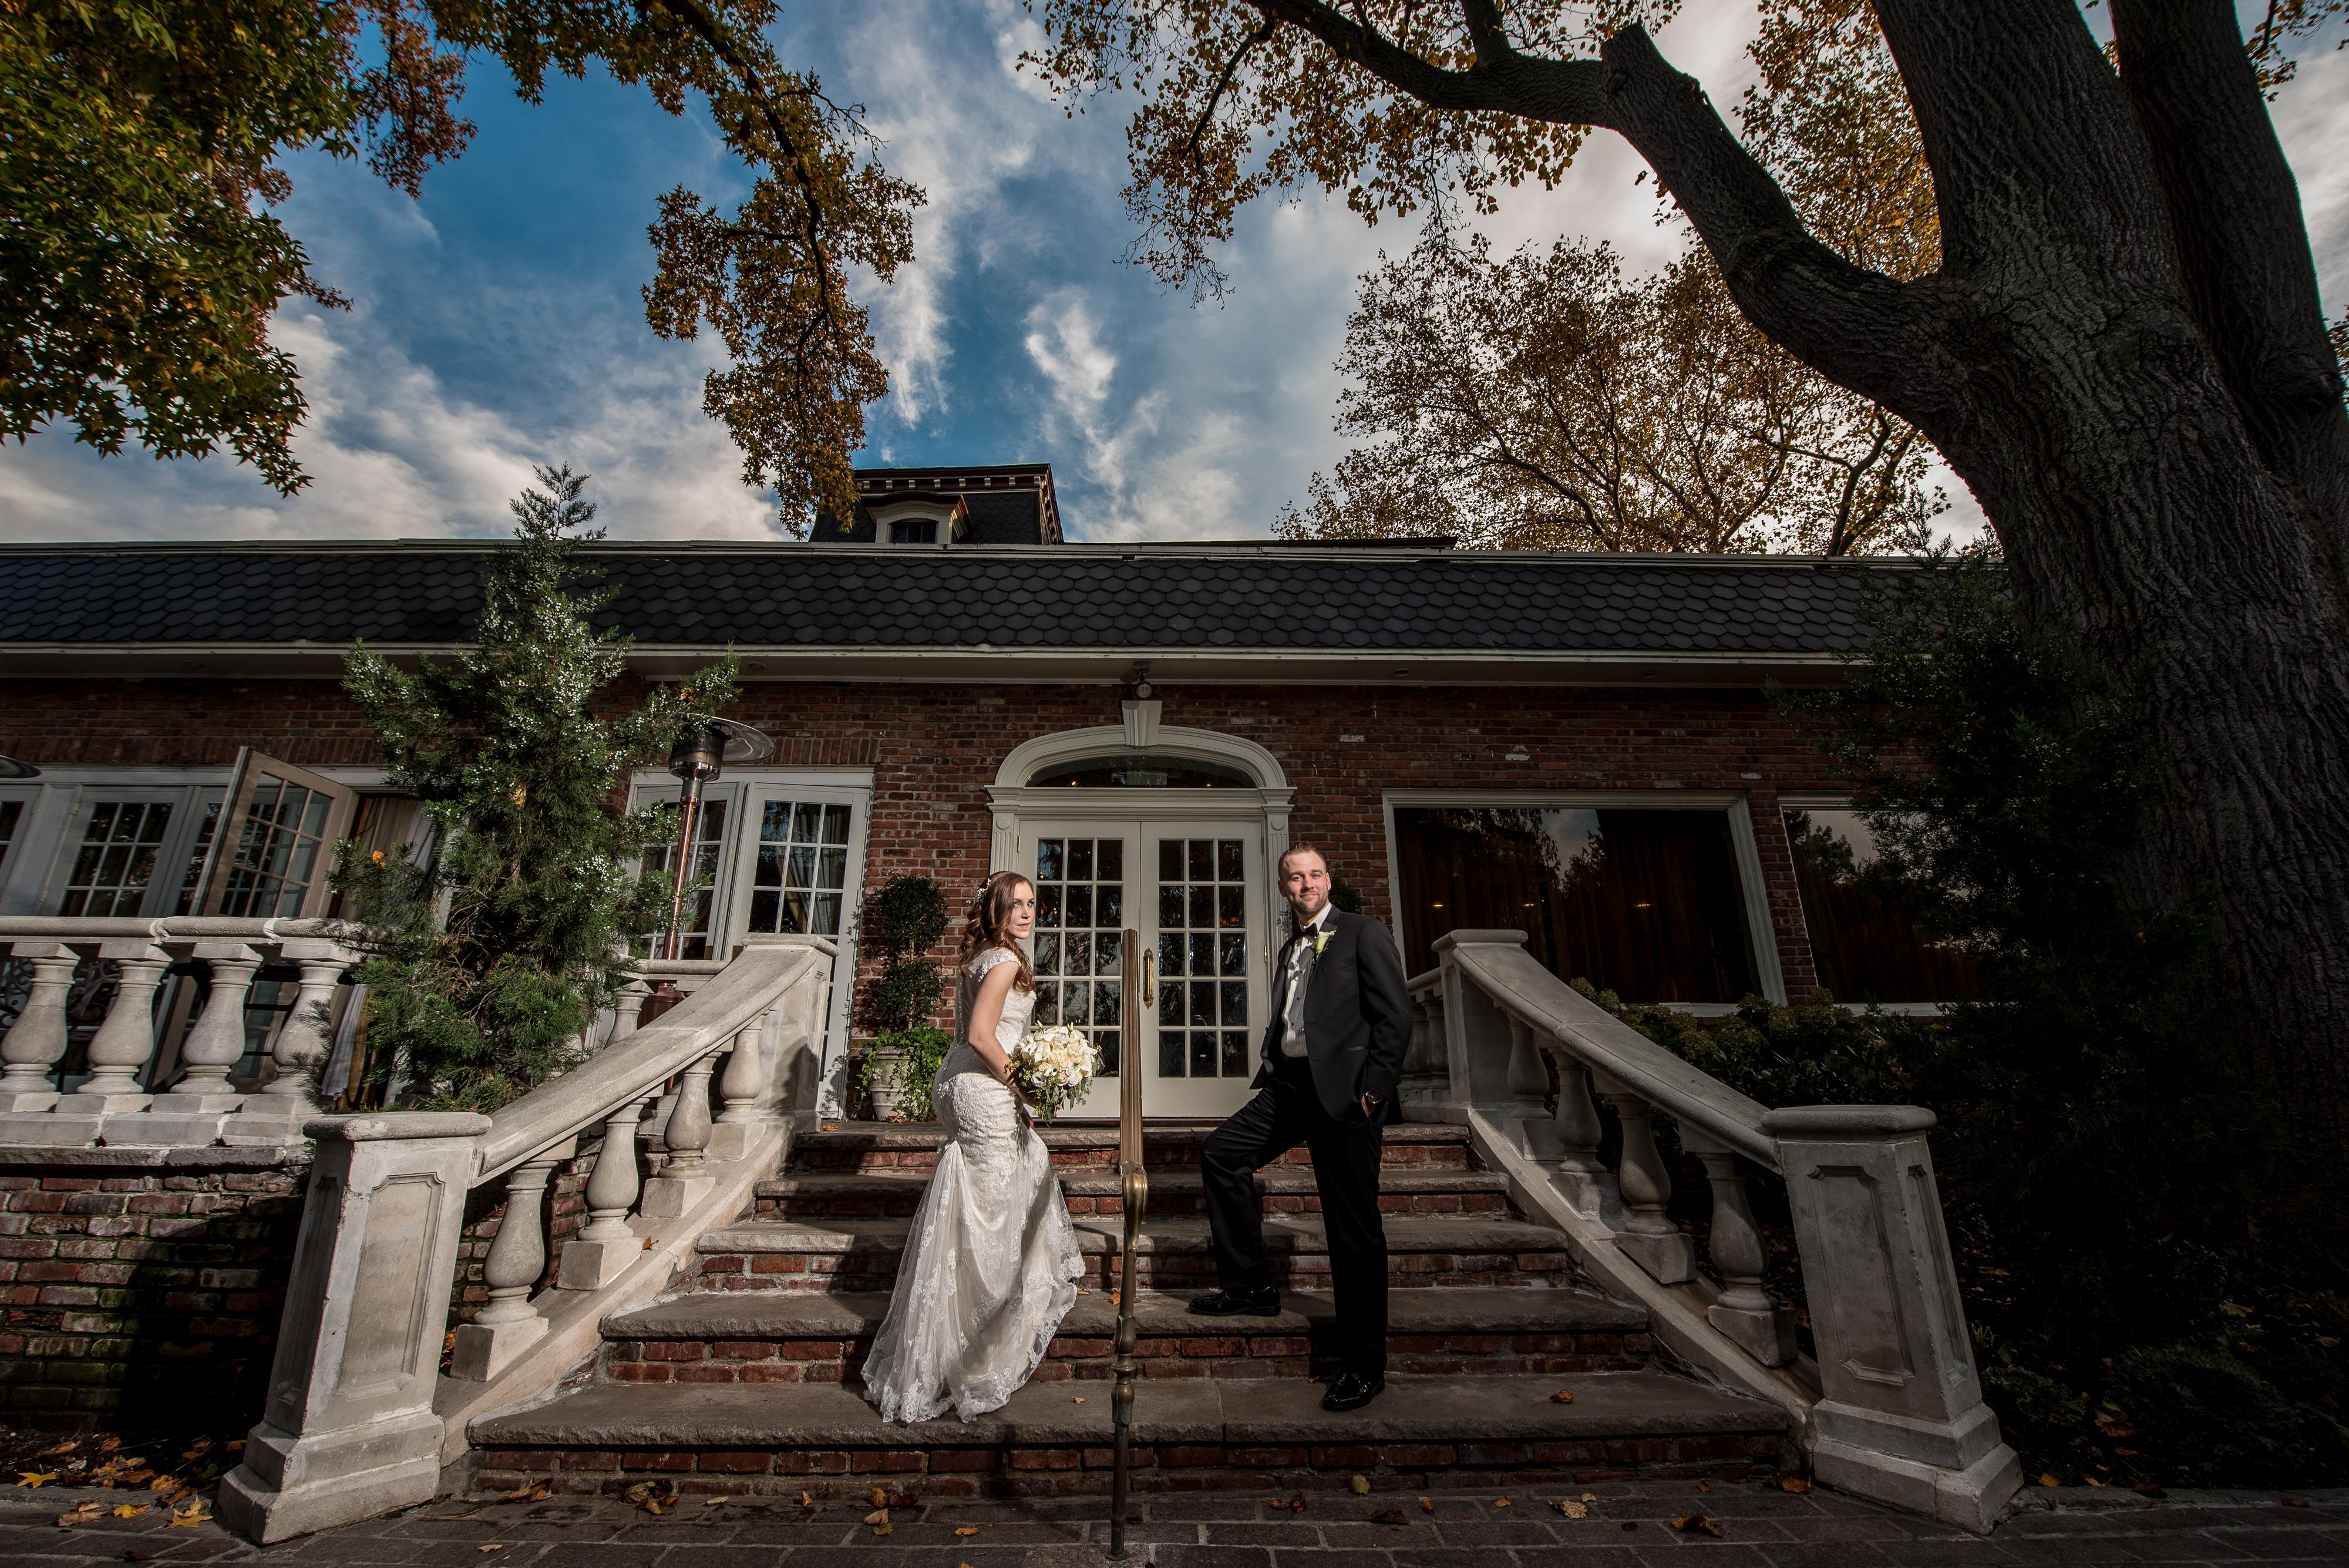 Westbury Manor Wedding Photography Studio